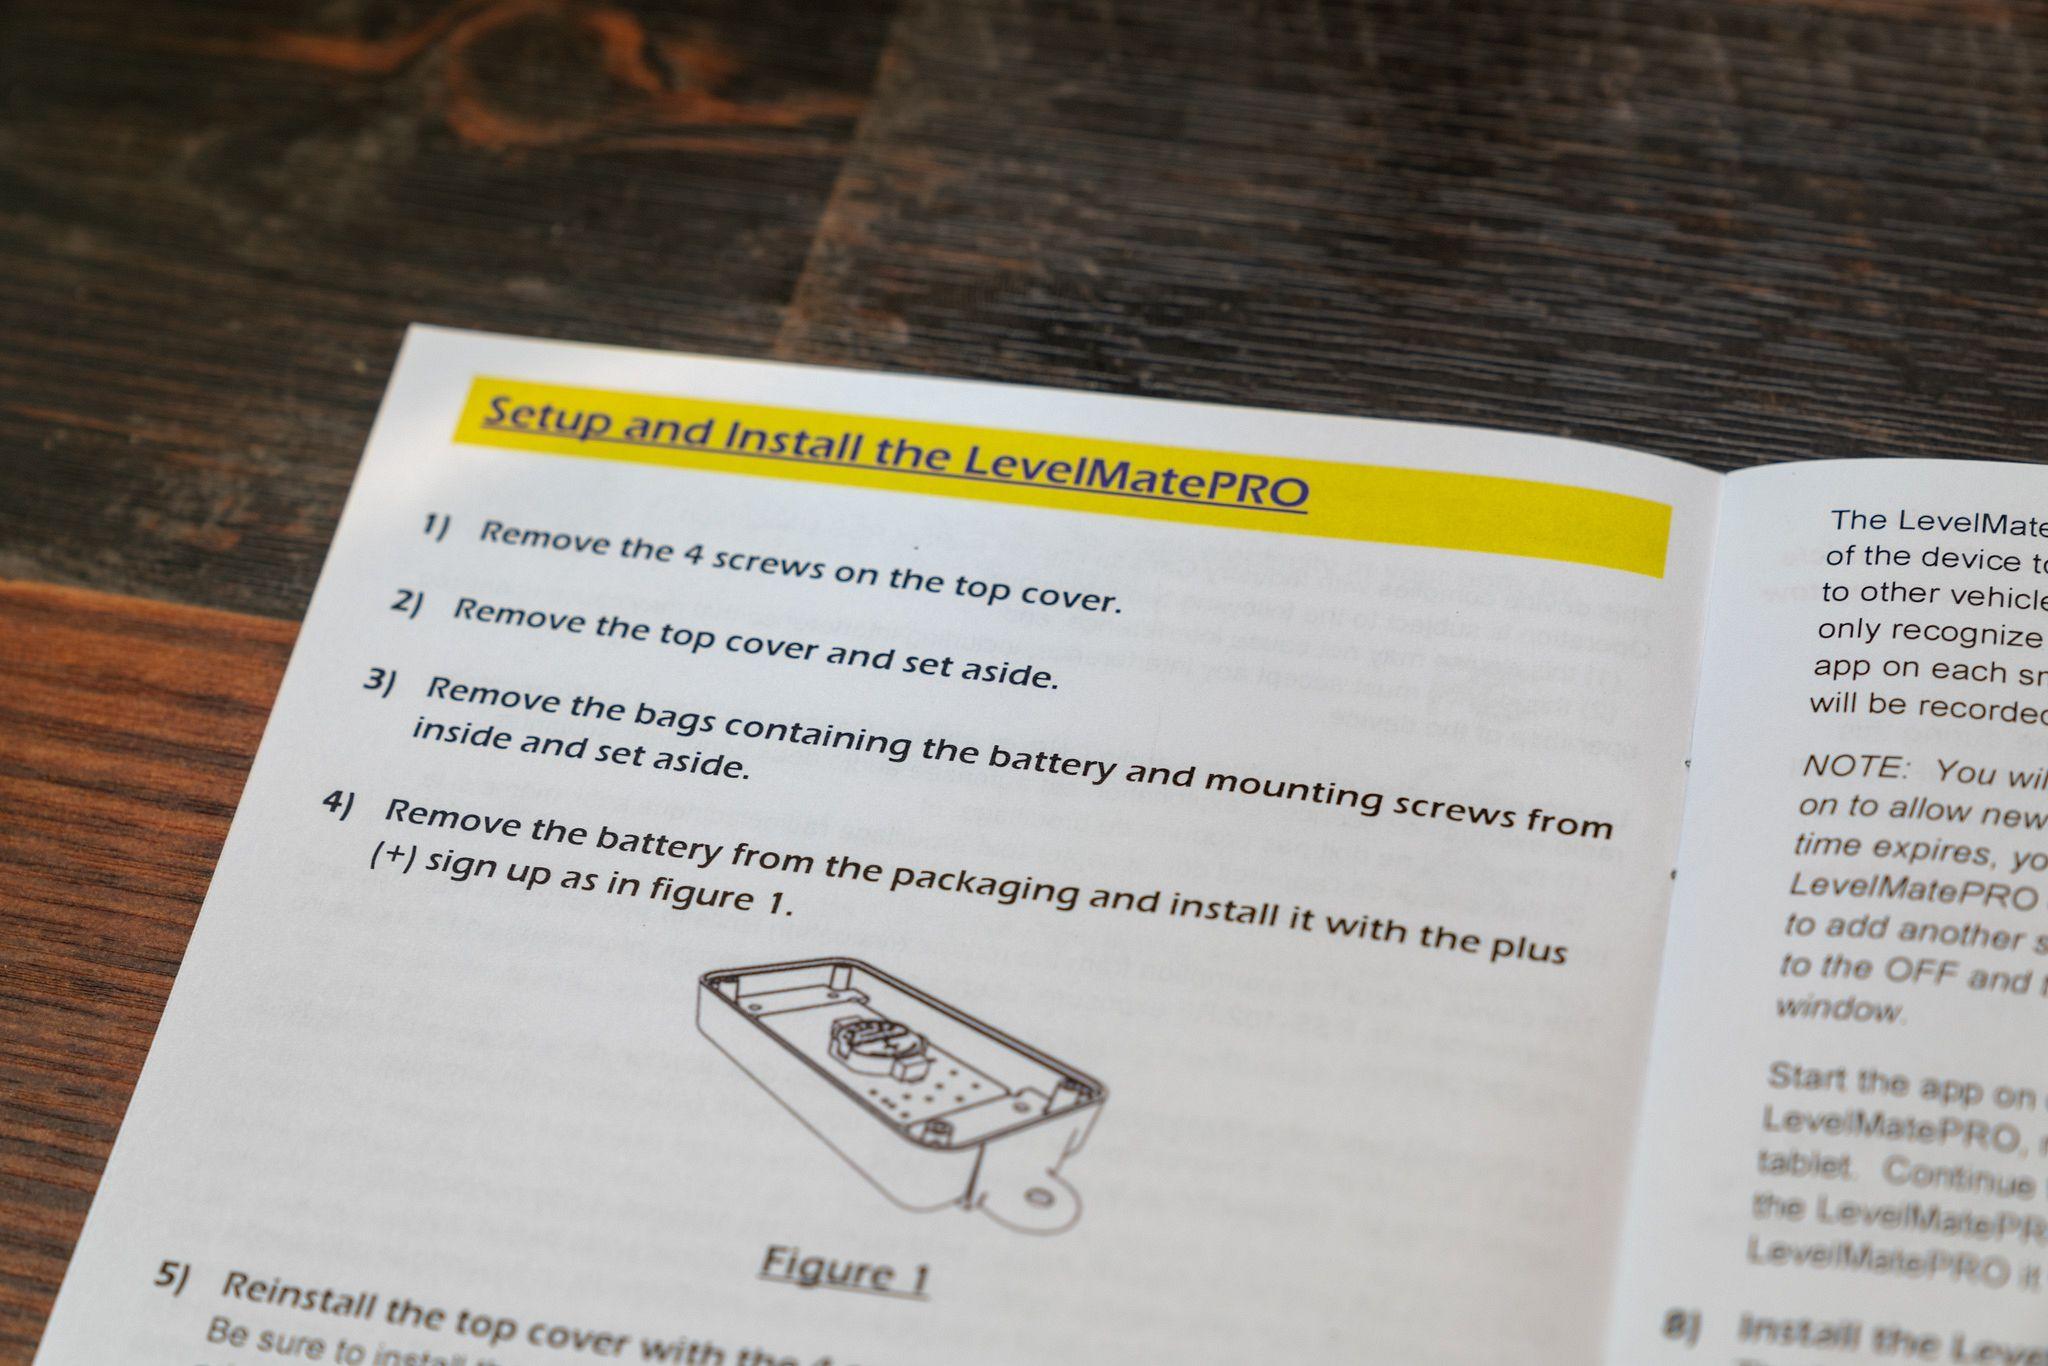 LevelMatePRO Instructions